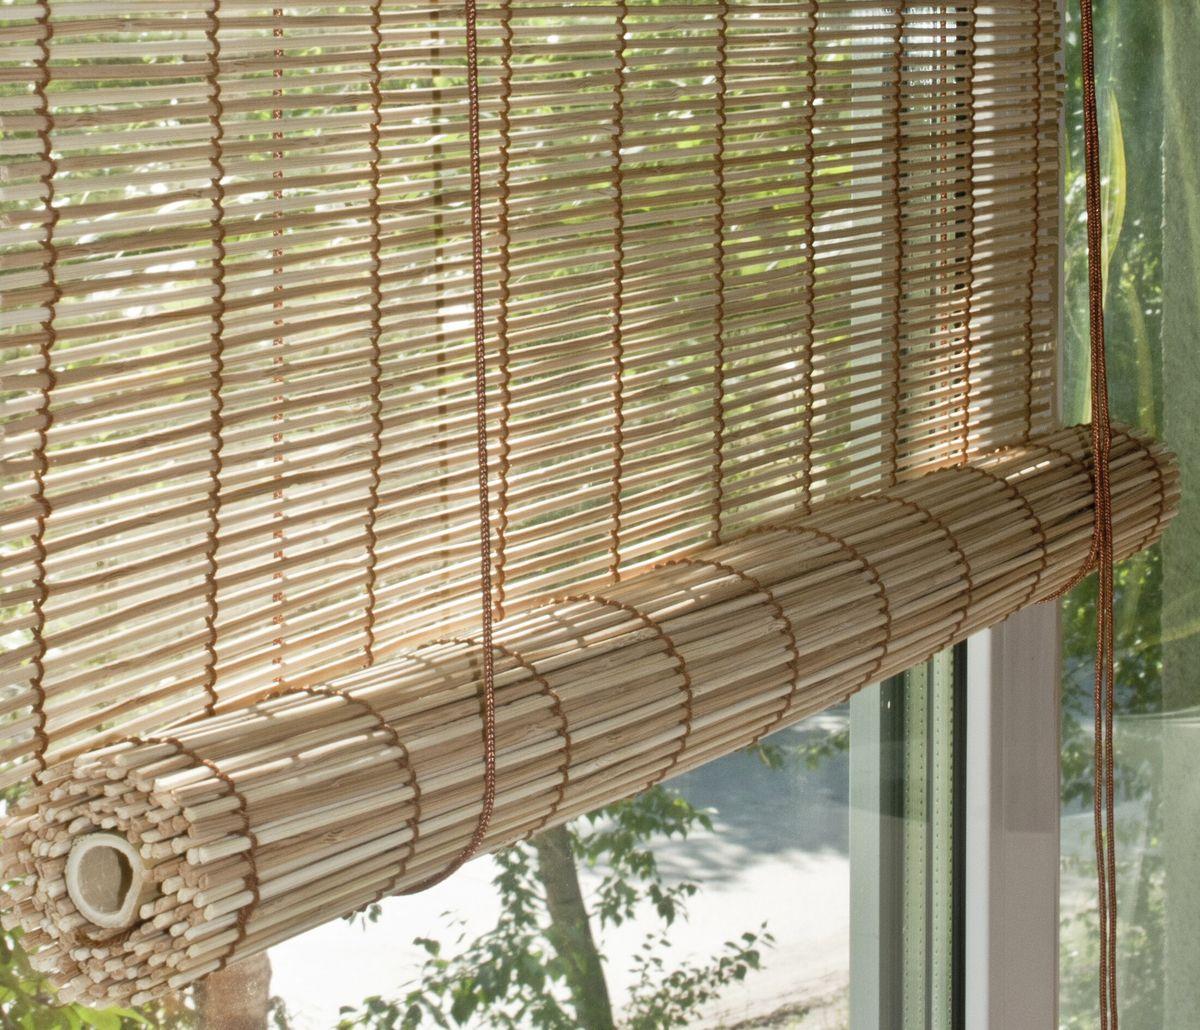 Штора рулонная Эскар Бамбук, цвет: натуральный микс, ширина 100 см, высота 160 см2615S545JBПри оформлении интерьера современных помещений многие отдают предпочтение природным материалам. Бамбуковые рулонные шторы - одно из натуральных изделий, способное сделать атмосферу помещения более уютной и в то же время необычной. Свойства бамбука уникальны: он экологически чист, так как быстро вырастает, благодаря чему не успевает накопить вредные вещества из окружающей среды. Кроме того, растение обладает противомикробным и антибактериальным действием. Занавеси из бамбука безопасно использовать в помещениях, где находятся новорожденные дети и люди, склонные к аллергии. Они незаменимы для тех, кто заботится о своем здоровье и уделяет внимание высокому уровню жизни.Бамбуковые рулонные шторы представляют собой полотно, состоящее из тонких бамбуковых стеблей и сворачиваемое в рулон.Римские бамбуковые шторы, как и тканевые римские шторы, при поднятии образуют крупные складки, которые прекрасно декорируют окно.Особенность устройства полотна позволяет свободно пропускать дневной свет, что обеспечивает мягкое освещение комнаты. Это натуральный влагостойкий материал, который легко вписывается в любой интерьер, хорошо сочетается с различной мебелью и элементами отделки. Использование бамбукового полотна придает помещению необычный вид и визуально расширяет пространство.Помимо внешней красоты, это еще и очень удобные конструкции, экономящие пространство. Изготавливаются они из специальных материалов, устойчивых к внешним воздействиям. Сама штора очень эргономичная, и позволяет изменять визуально пространство в зависимости от потребностей владельца.